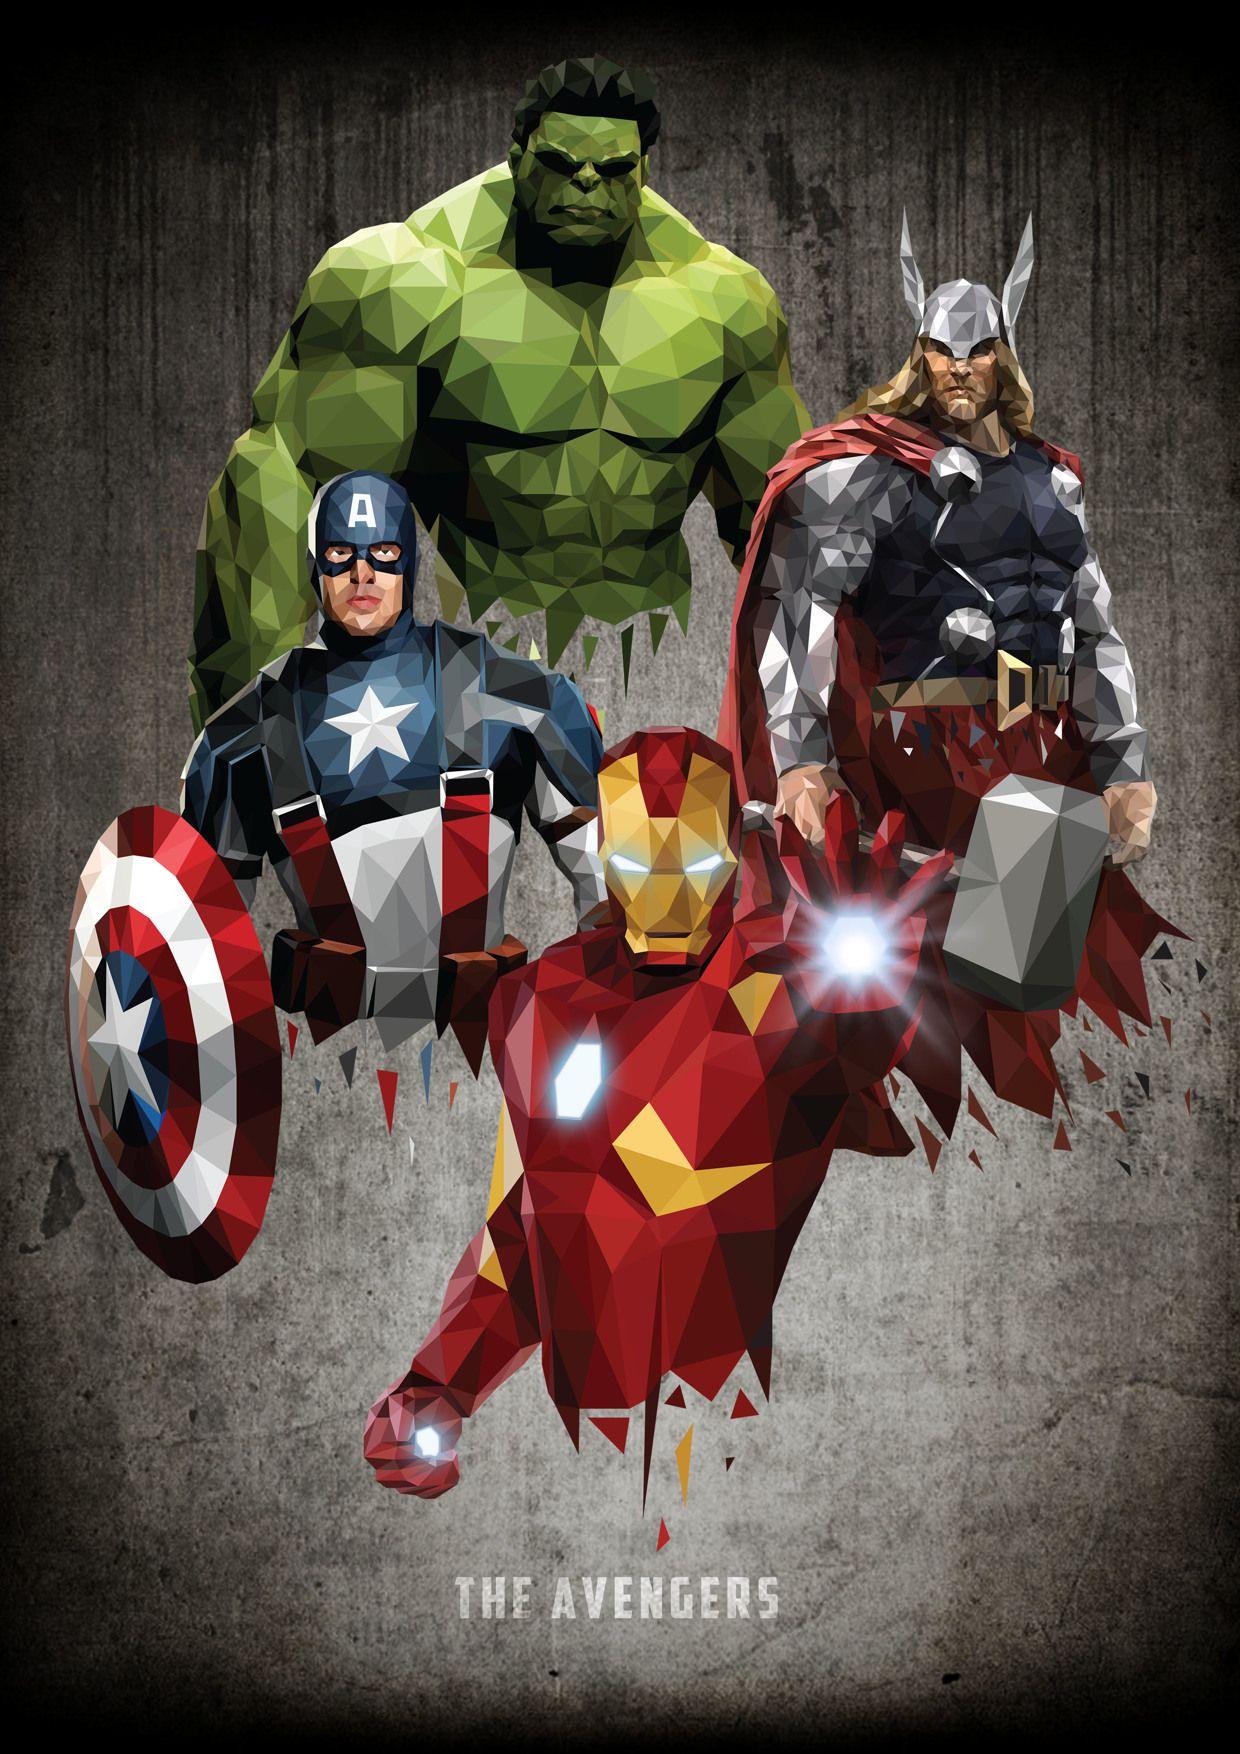 Avengers by William Teal Avengers poster art, Avengers